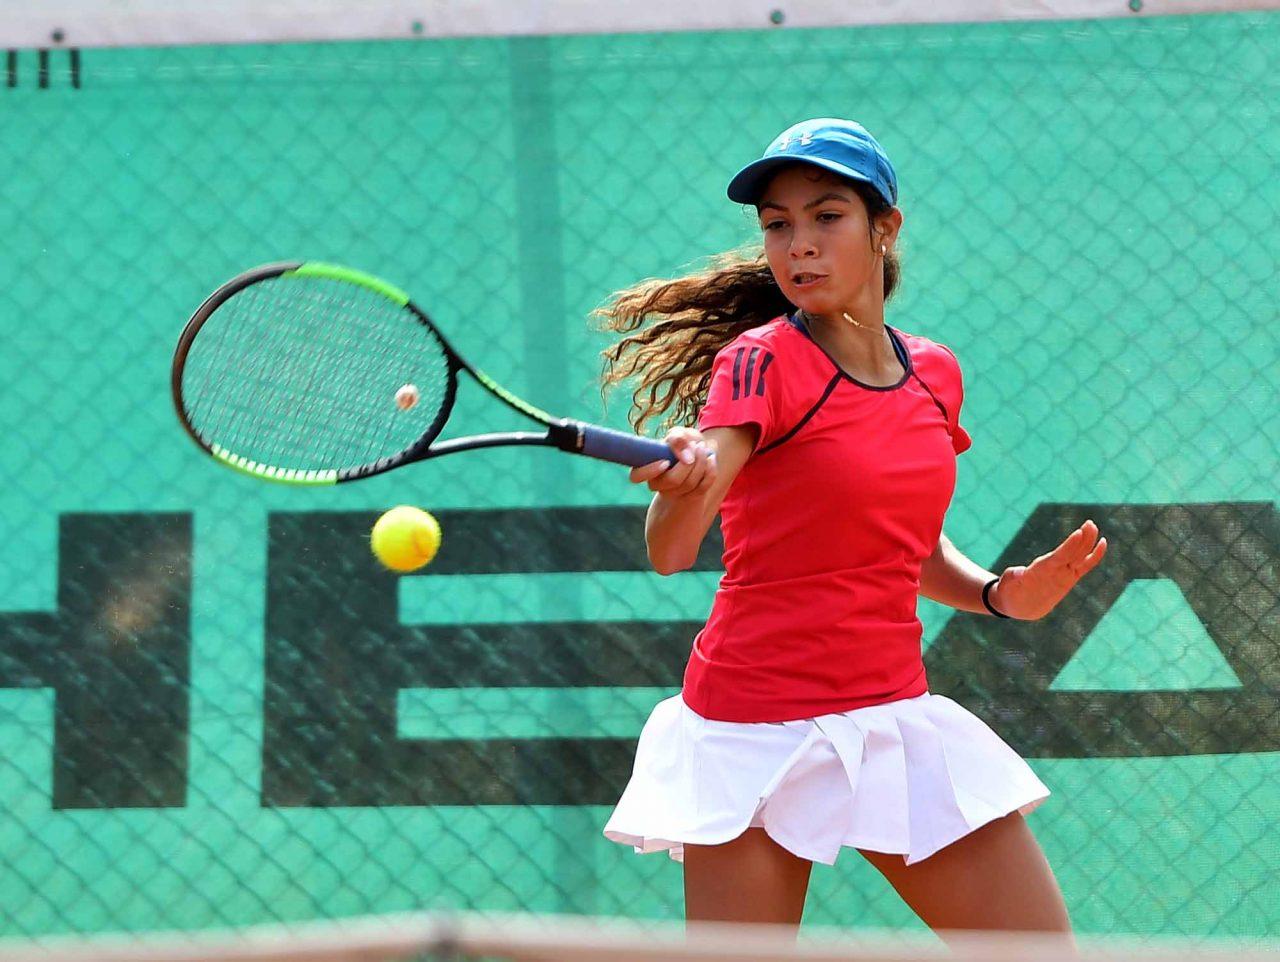 Държавно първенство тенис до 14 год. ТК 15-40 момичета (10)